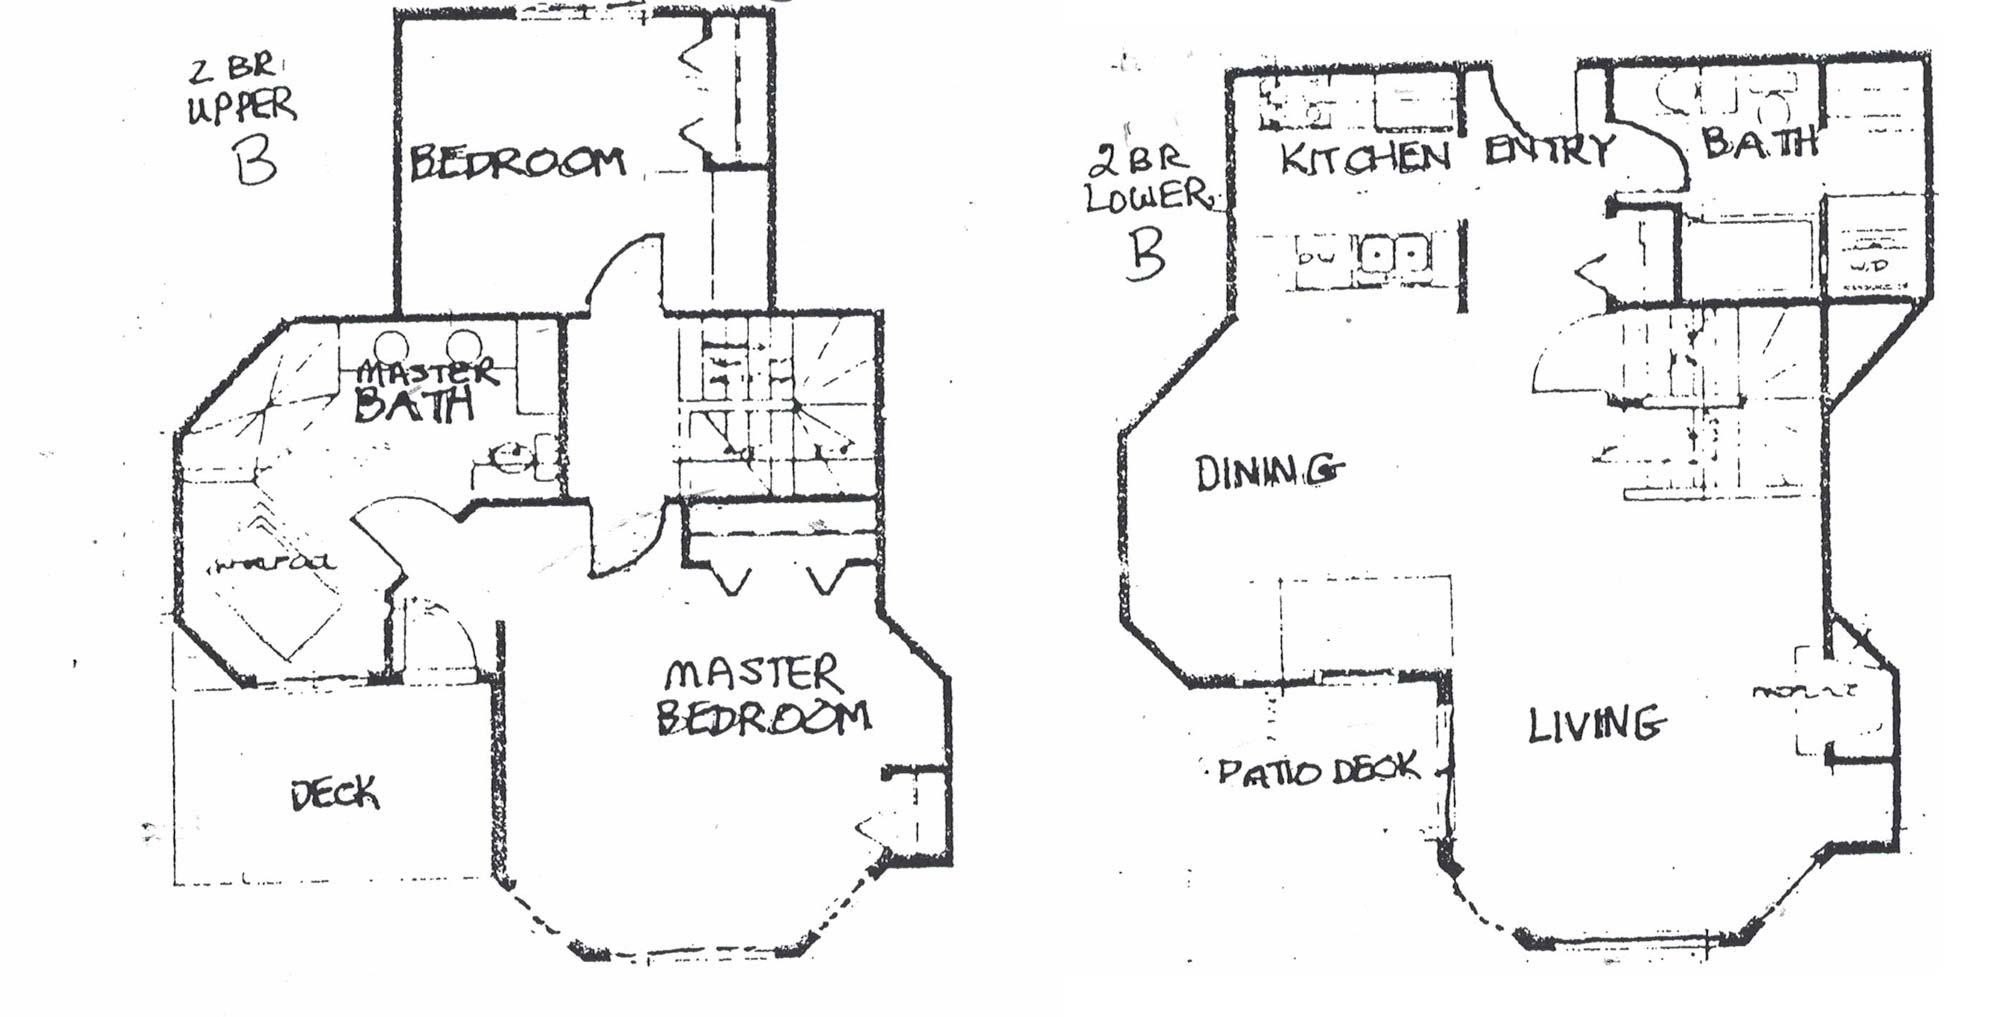 Layout of Two Bedroom Hotel Suite at Door County Resort